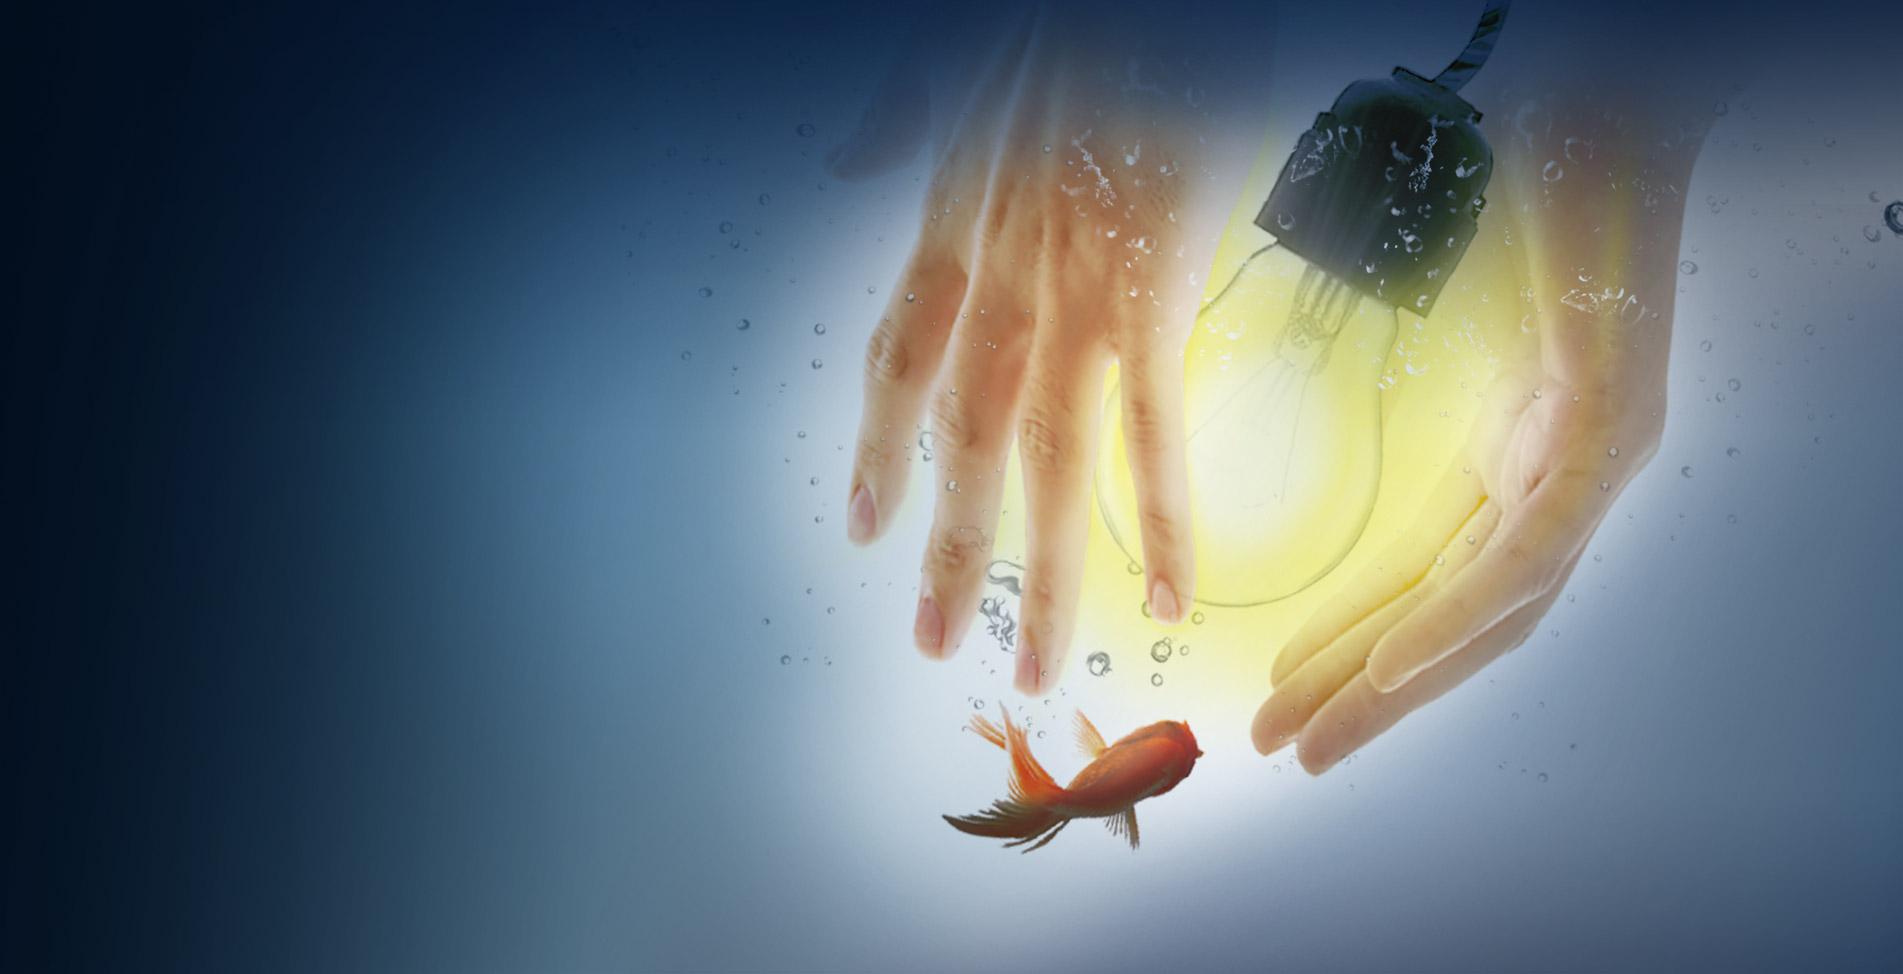 水中開啟燈泡